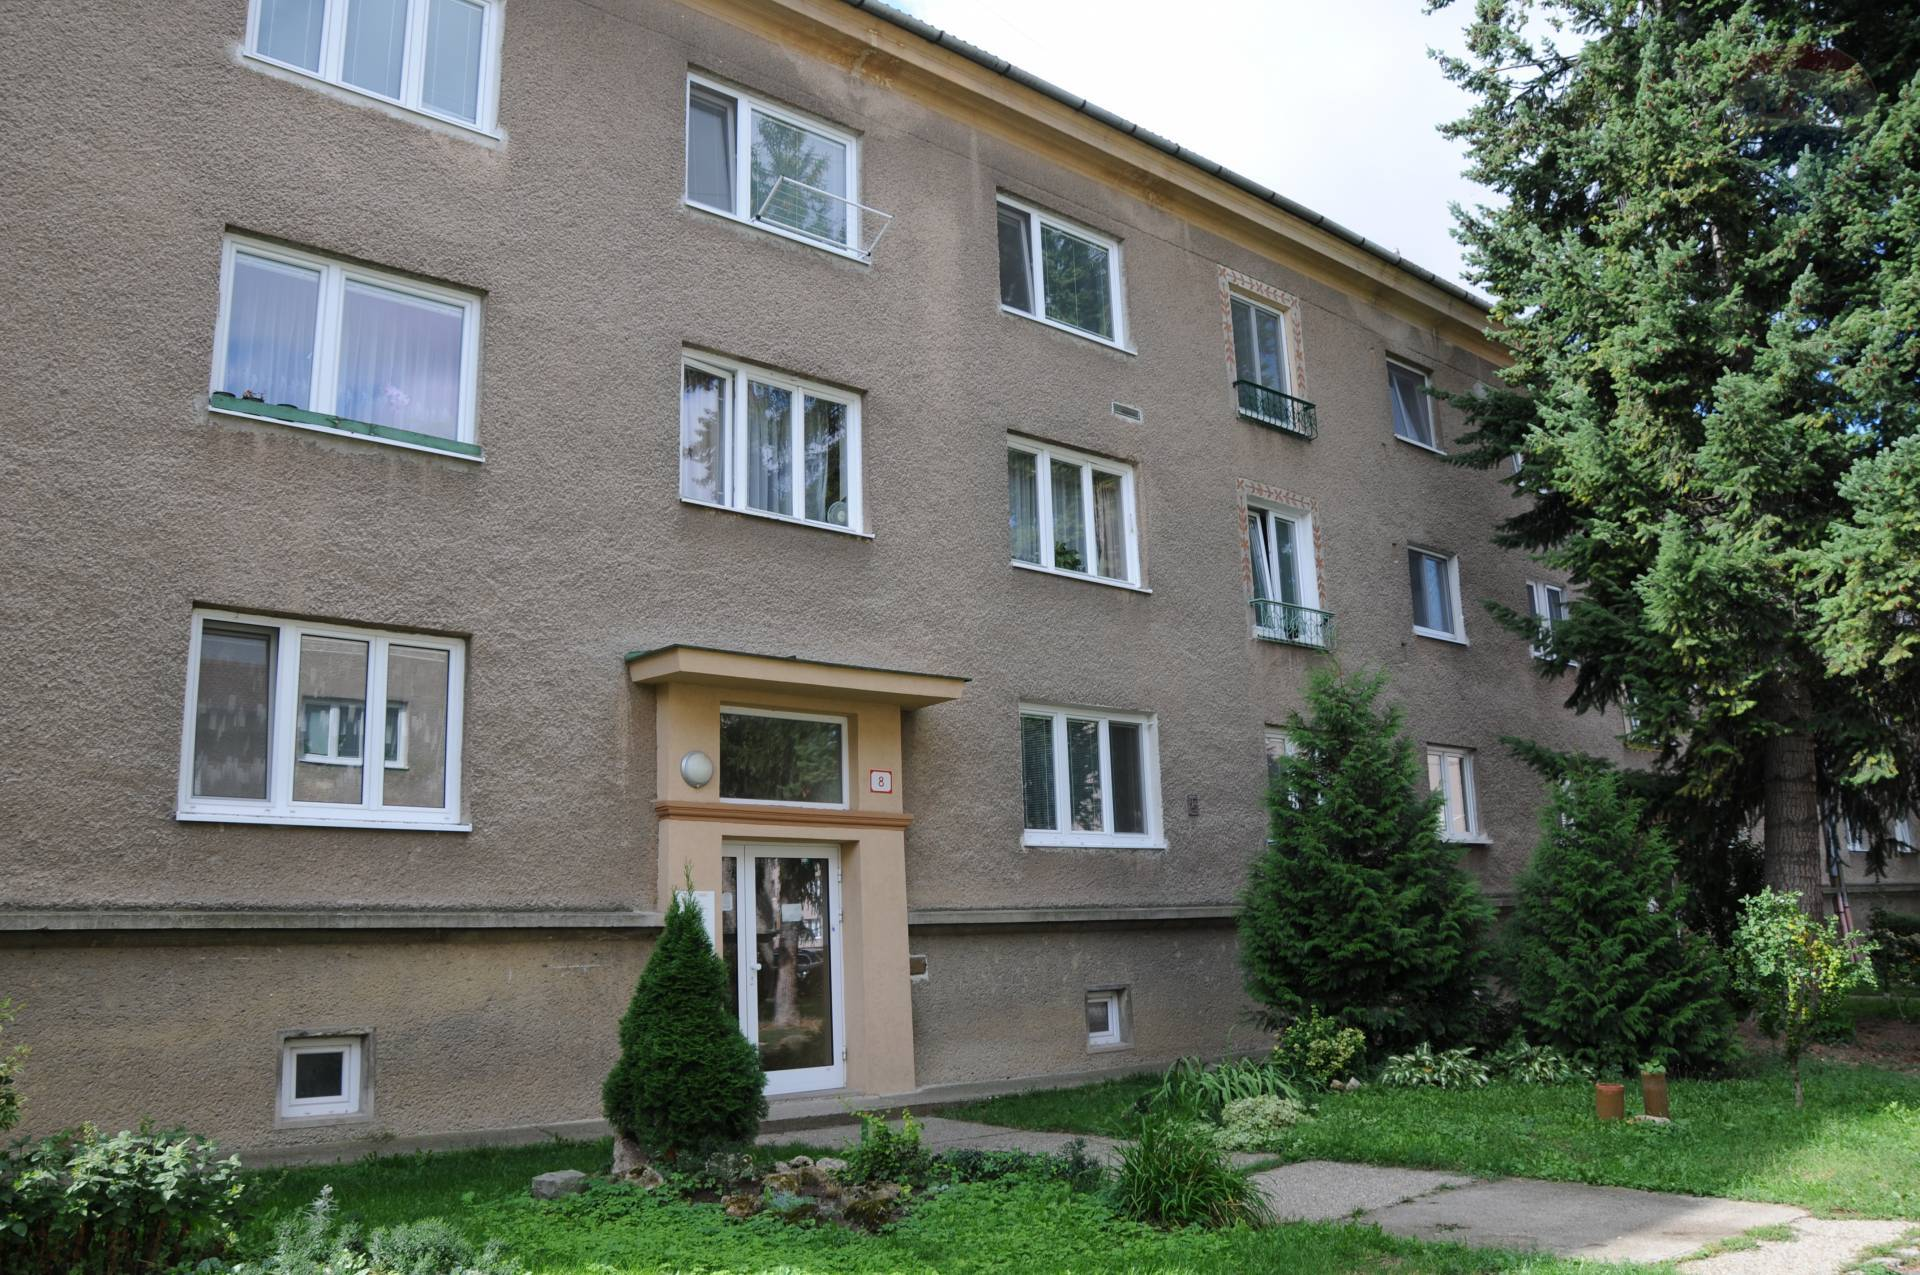 REZERVOVANÉ !!! 2 izbový byt 67 m2 na Starom sídlisku, zvýšené prízemie, bez balkóna